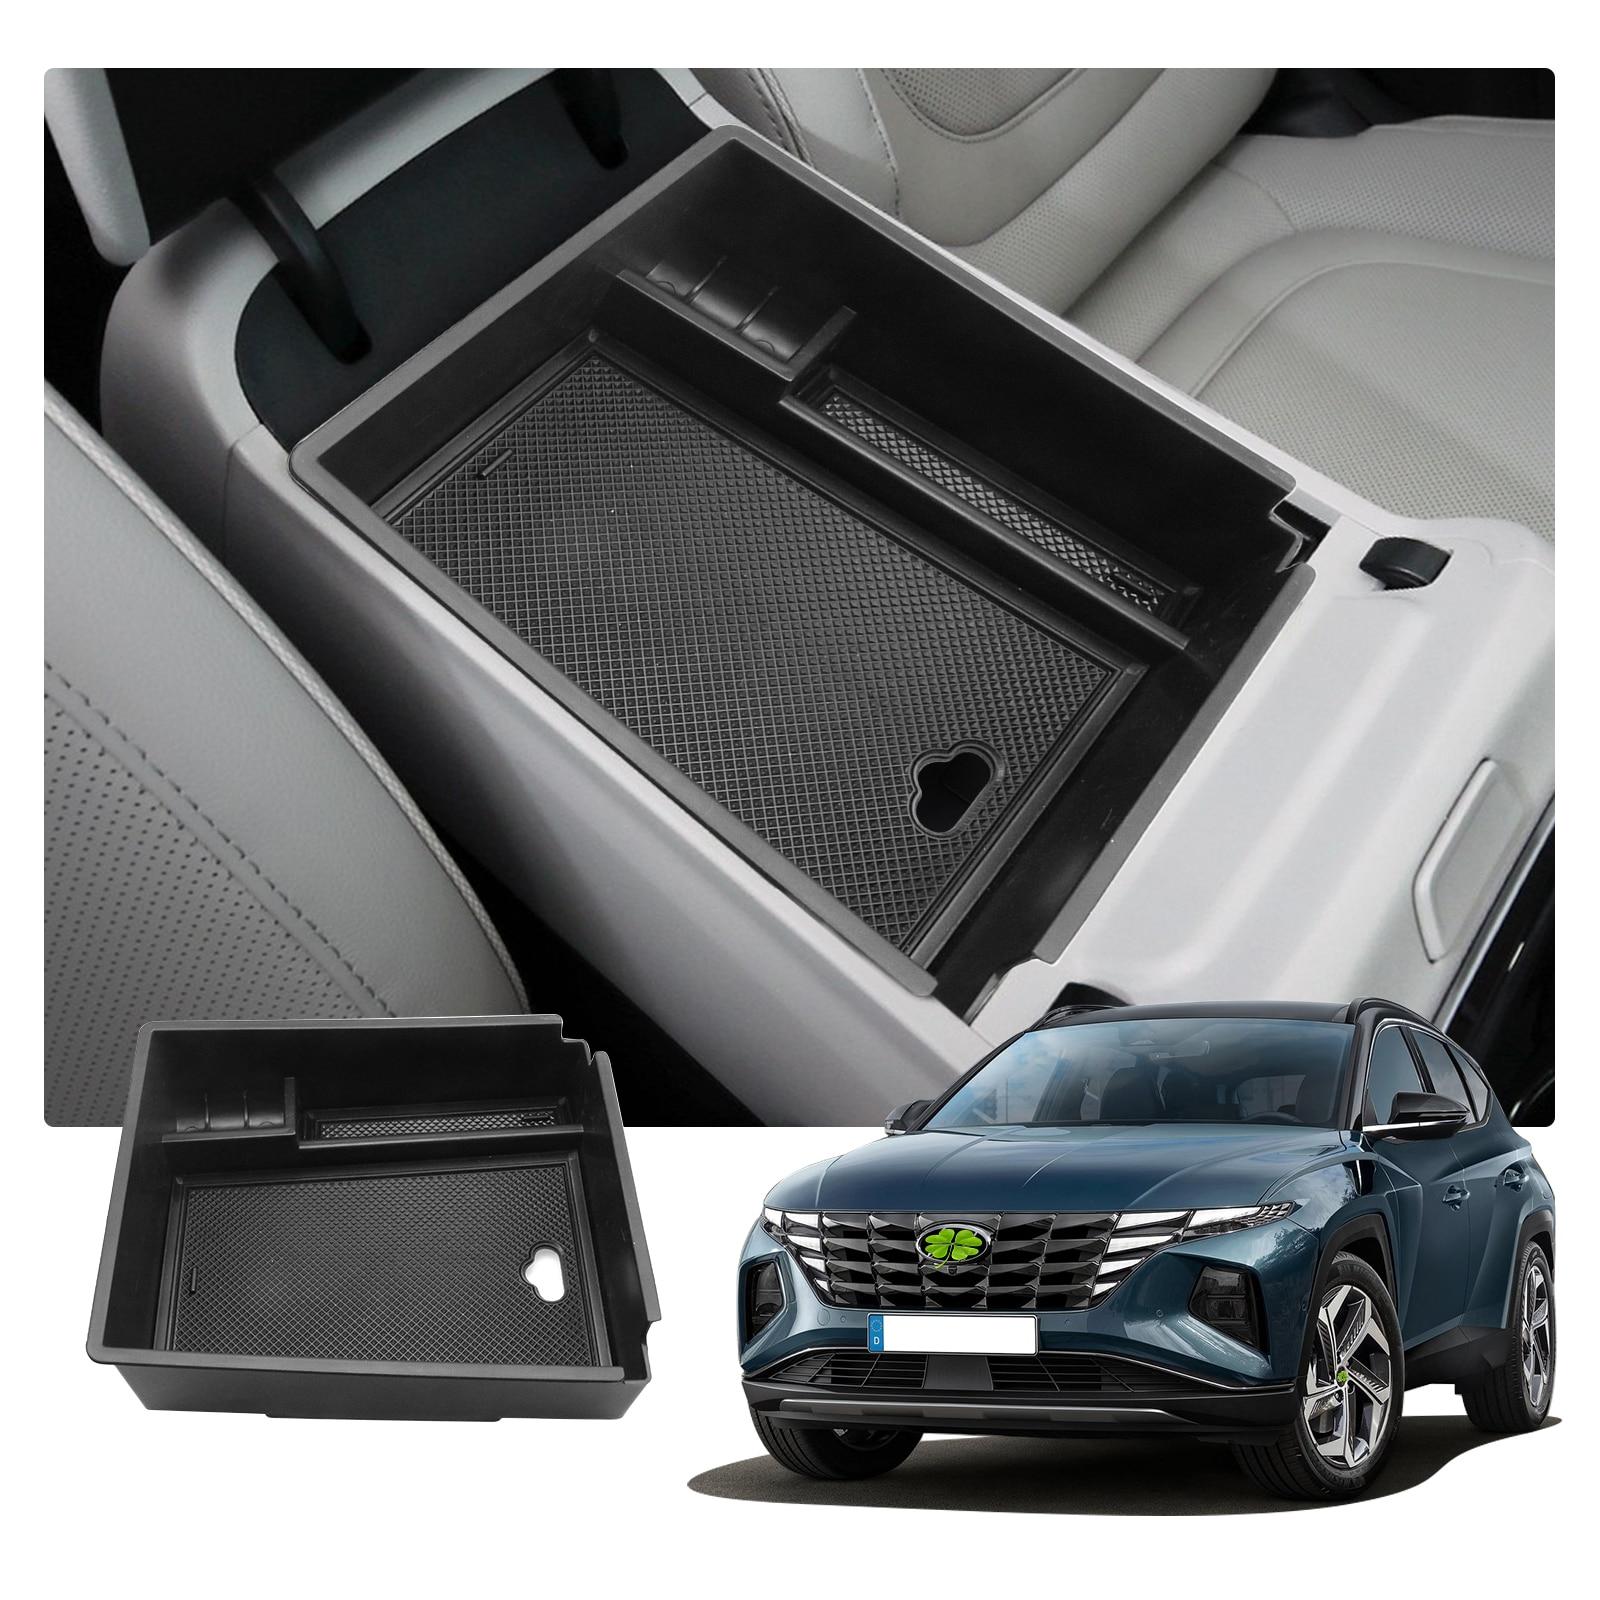 LFOTPP центральный автомобильный подлокотник для хранения Коробка для Tucson NX4 2021 Нескользящий Резиновый Контейнер аксессуары для авто интерьера|Все для уборки|   | АлиЭкспресс